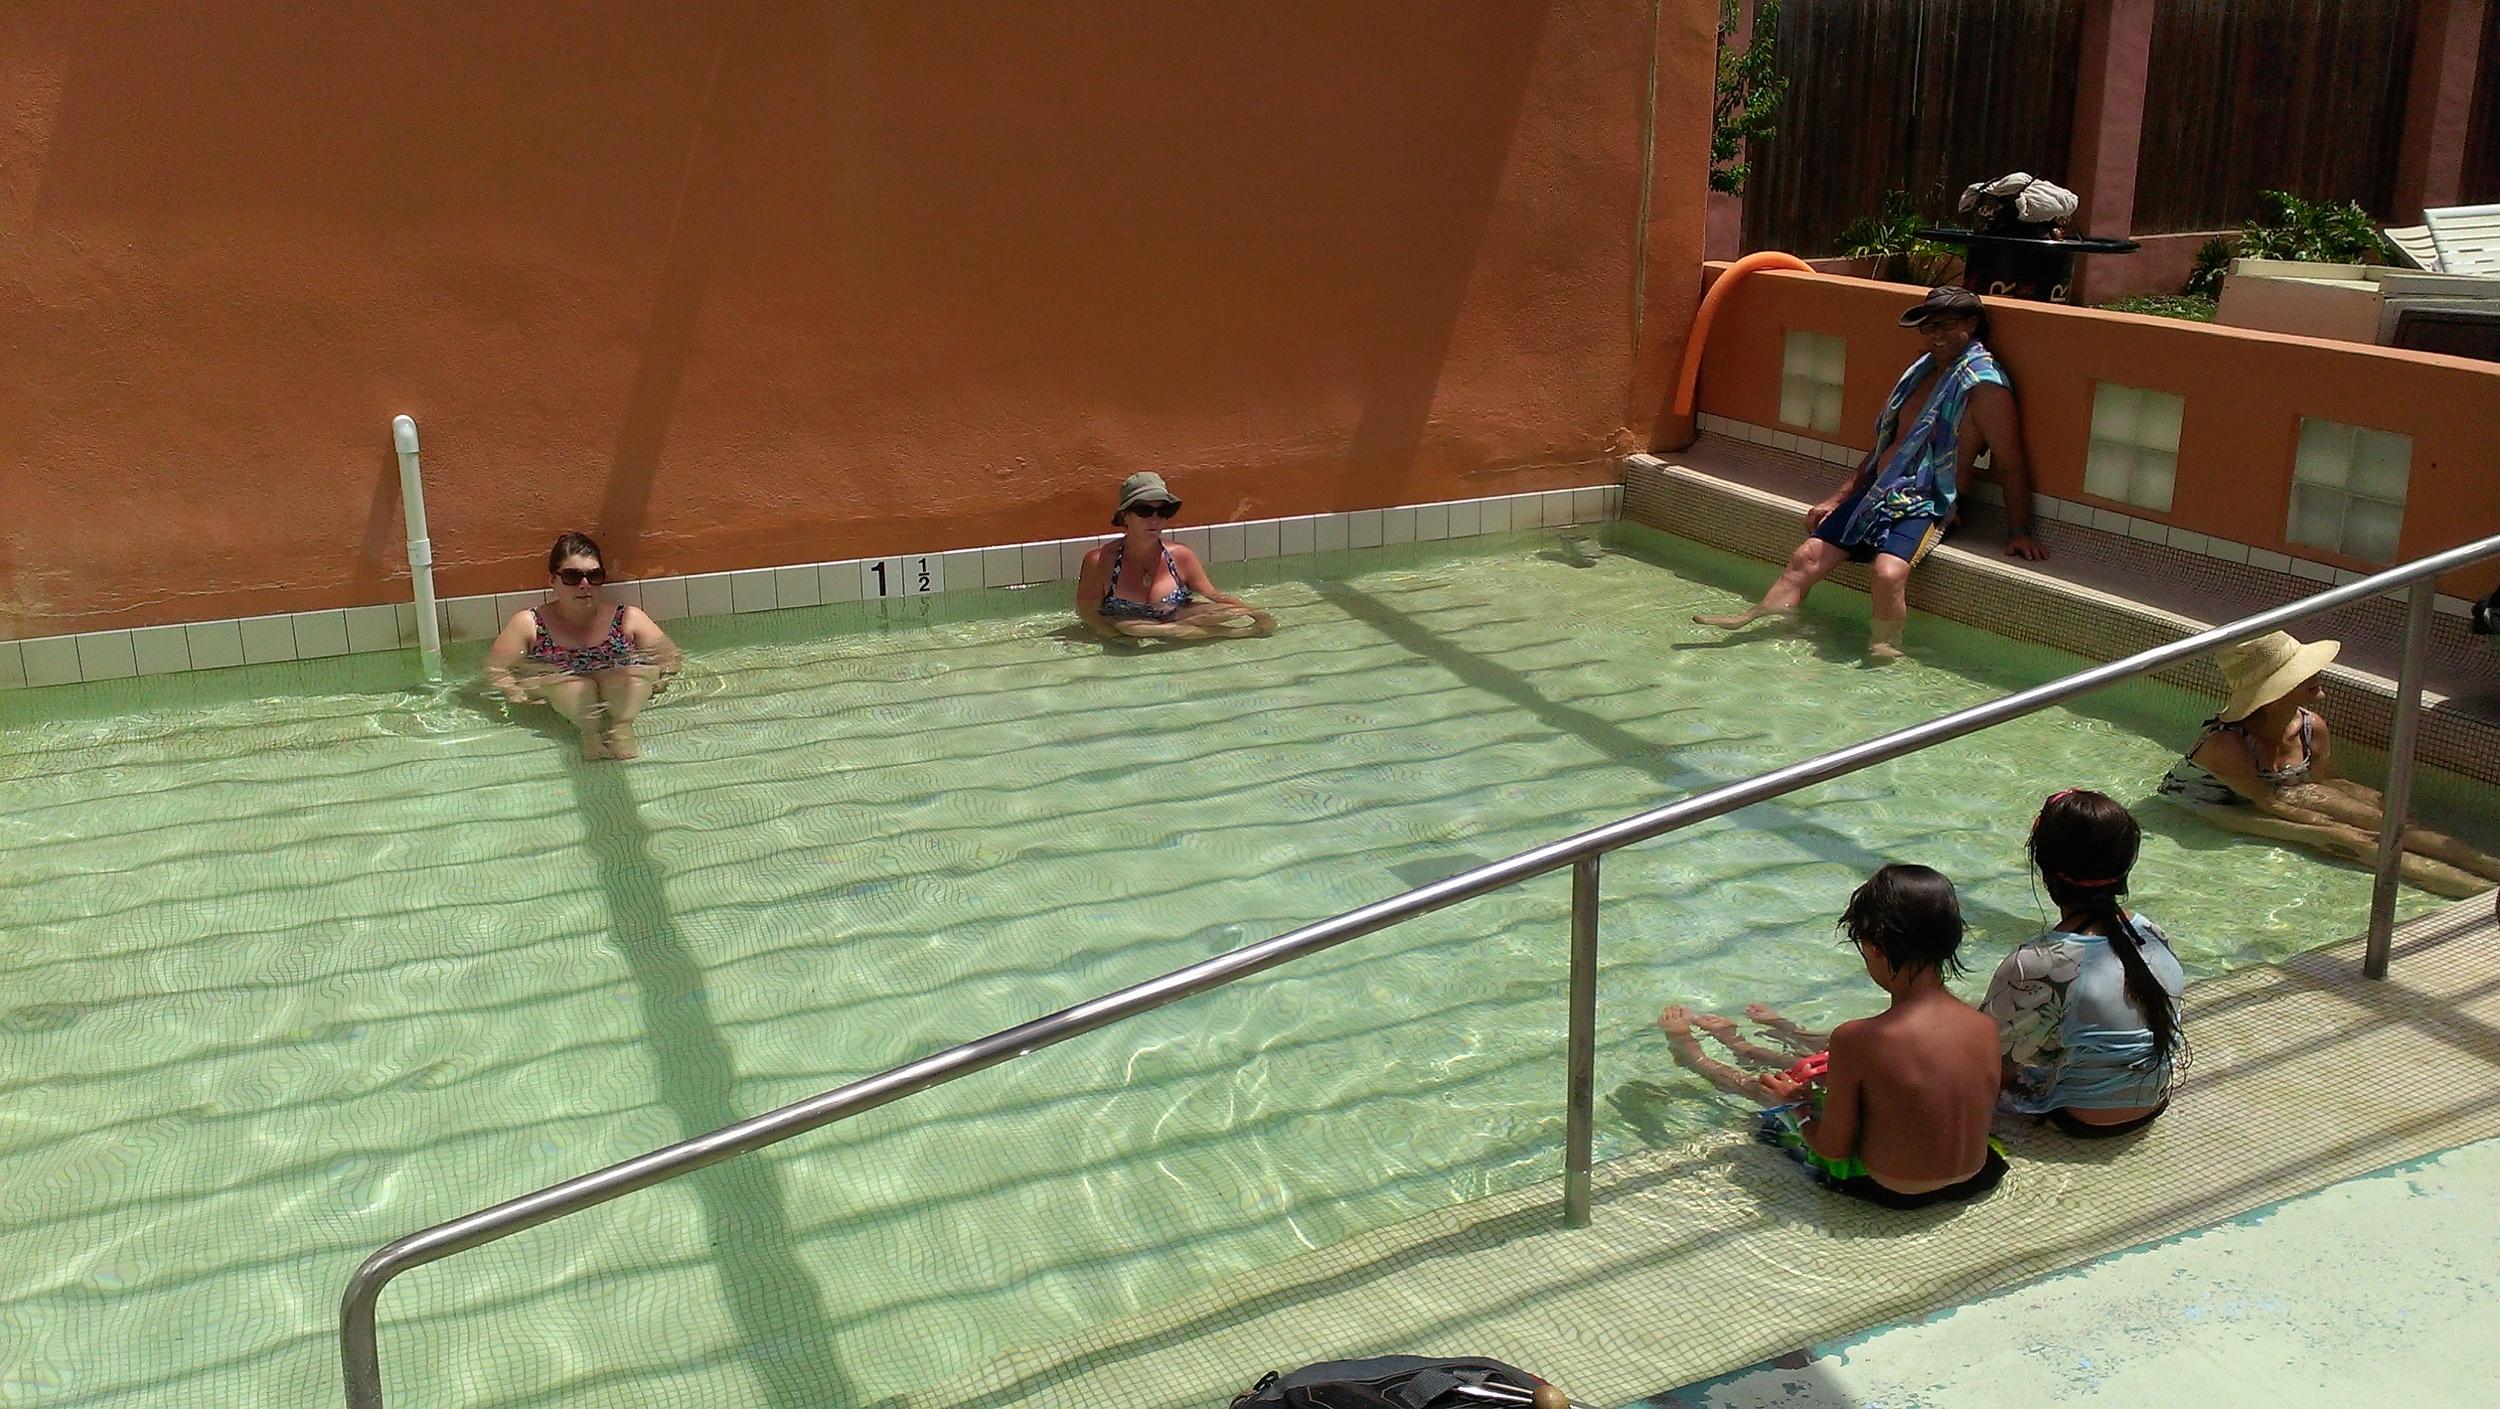 Hot tub guests soaking and enjoying day